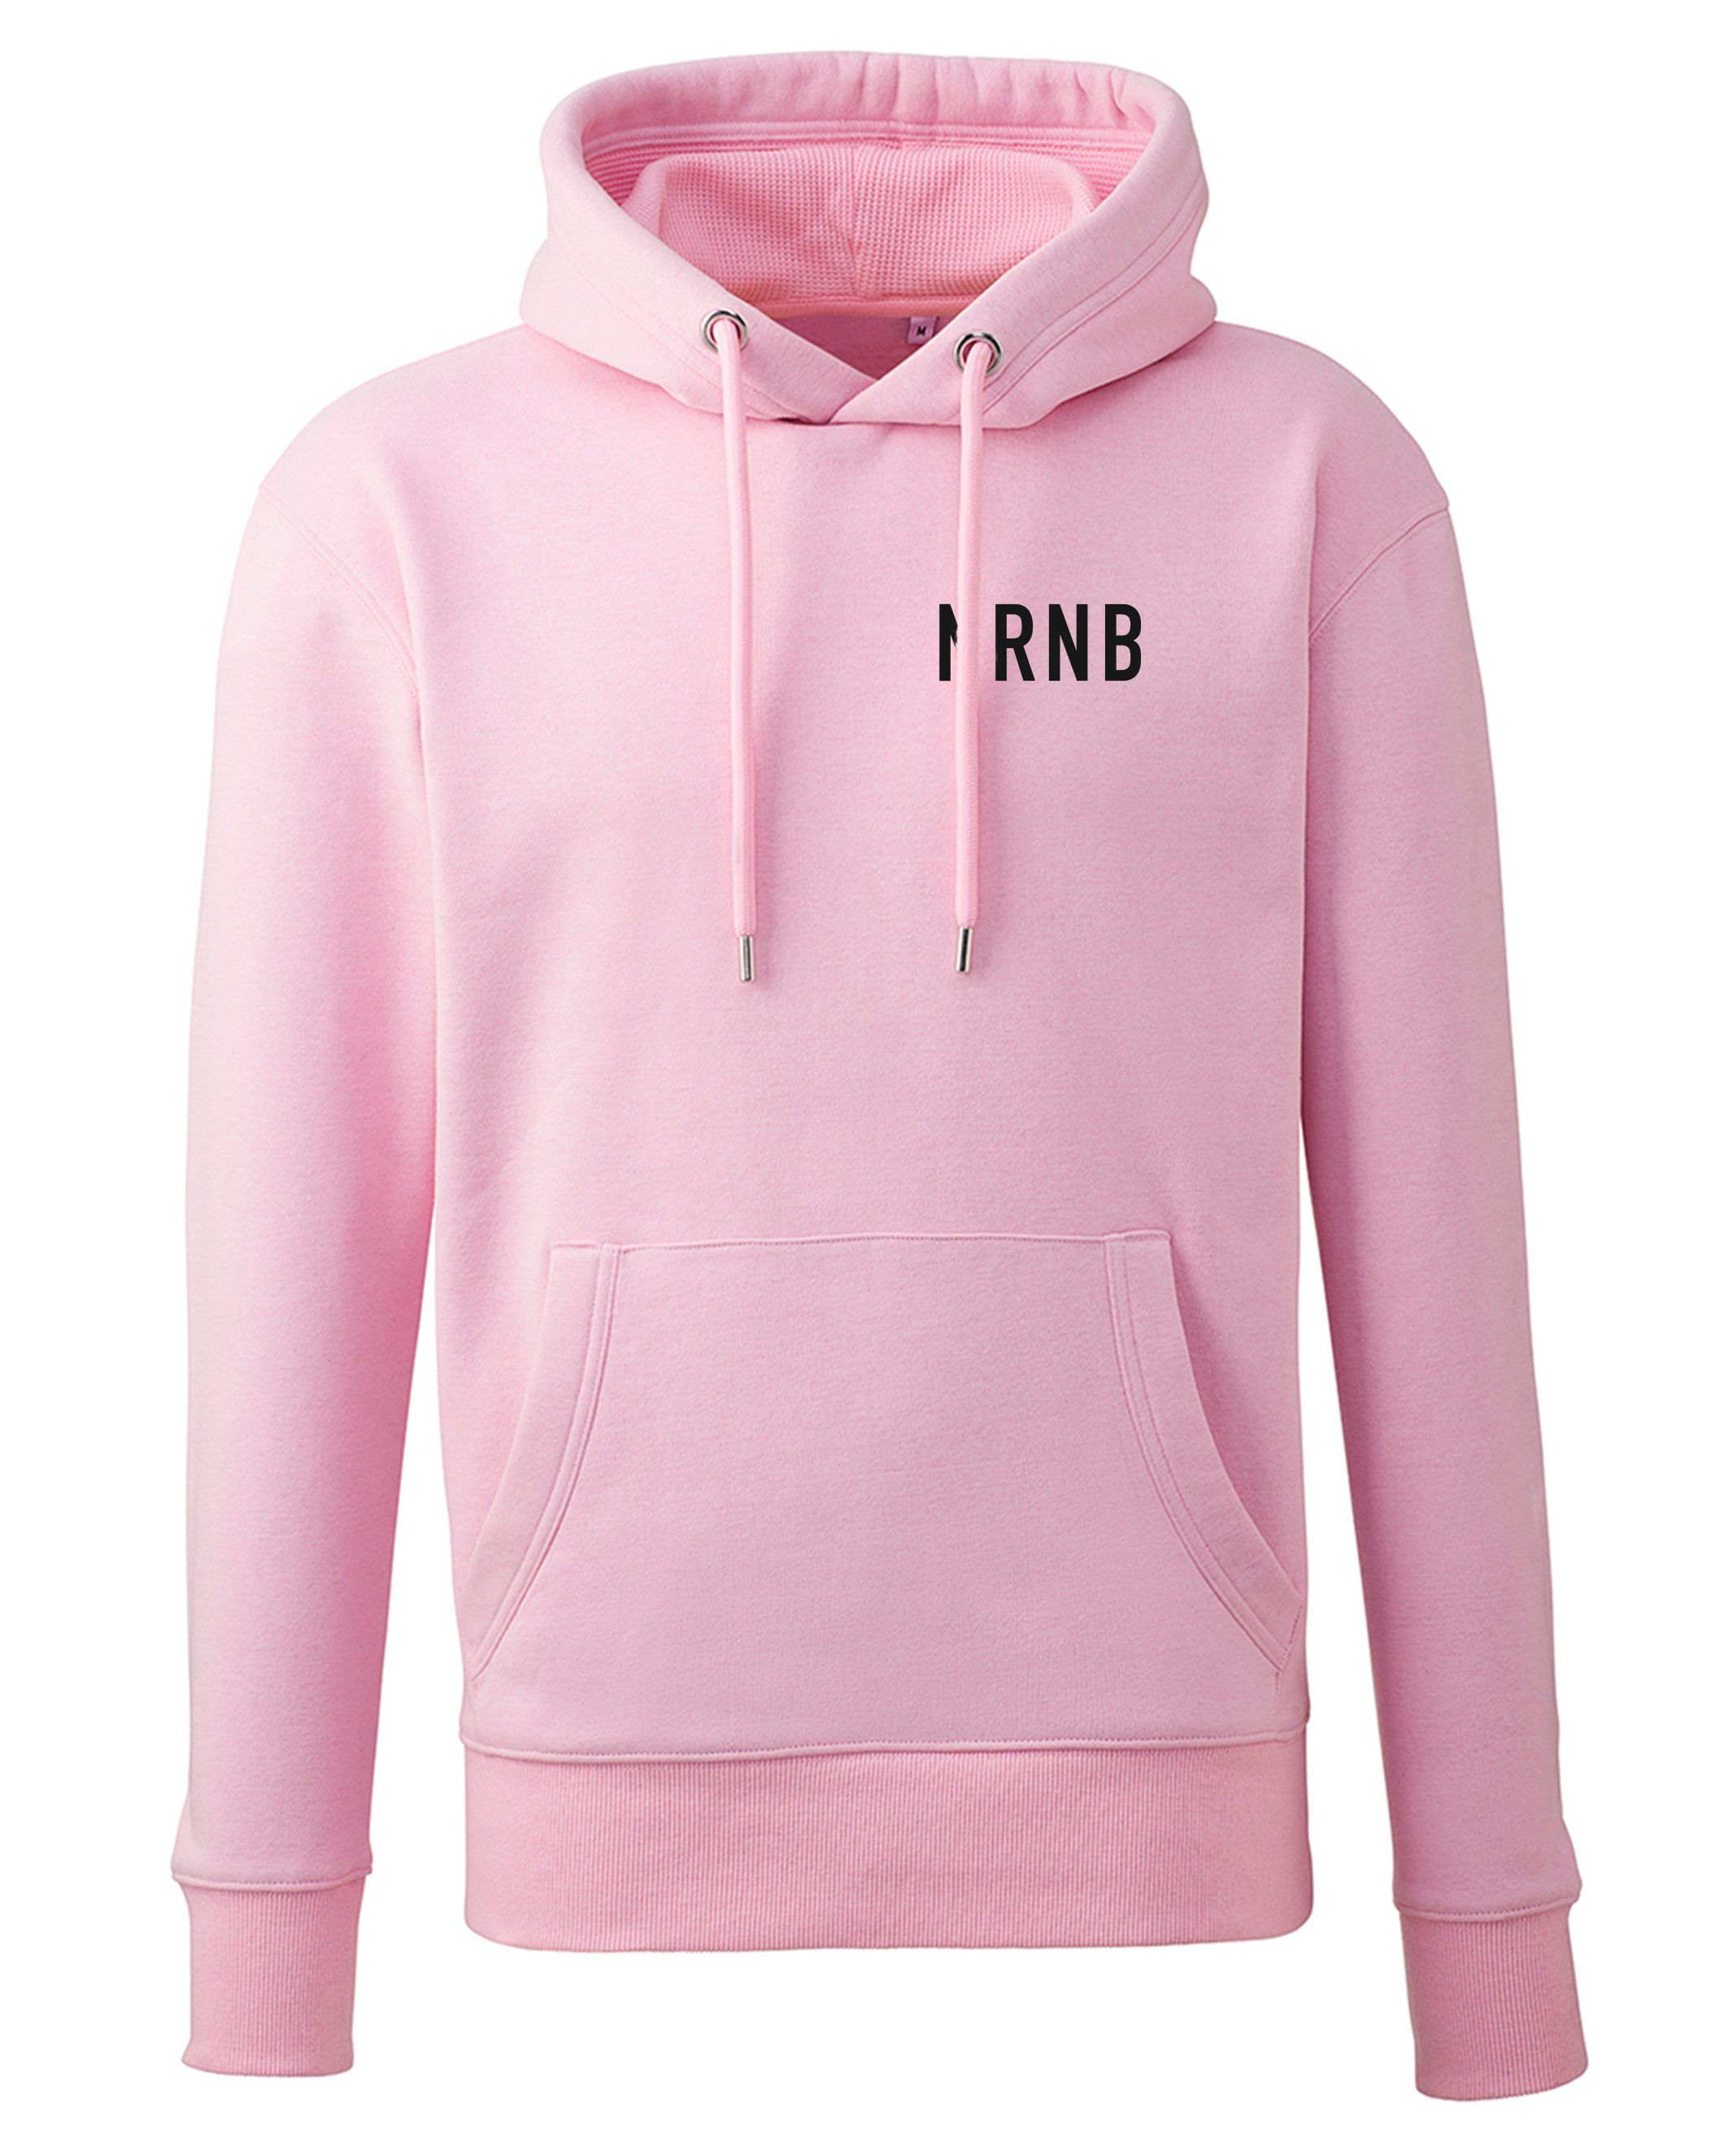 Black Label Hood - Pink